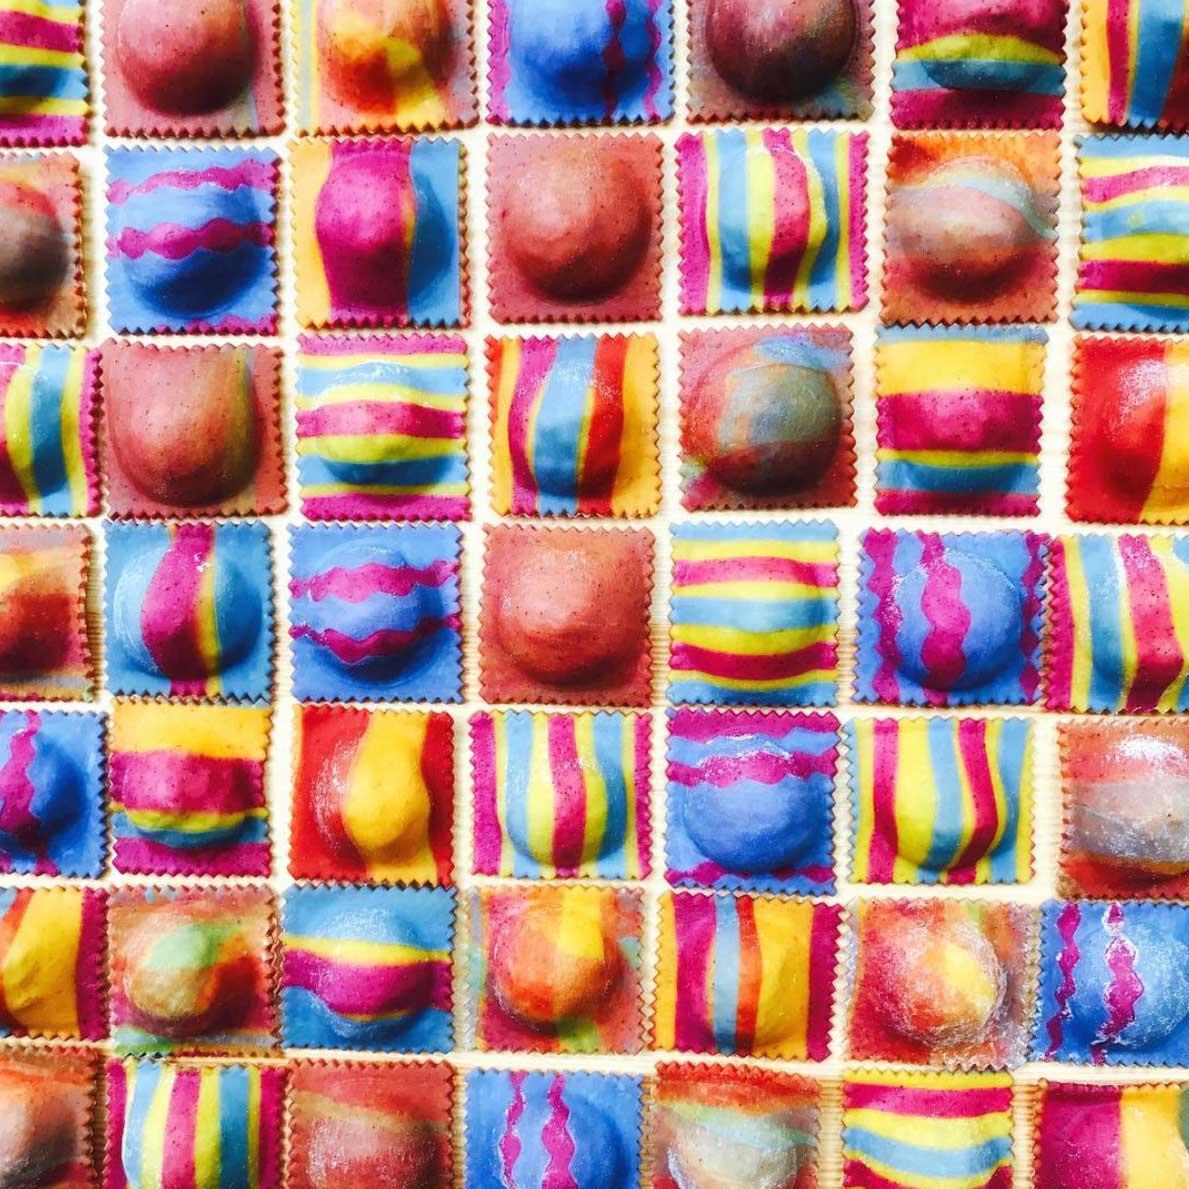 Farbenfrohe Pasta-Kunst von Linda Miller Nicholson Linda-Miller-Nicholson-Past-Pretty-Please_10